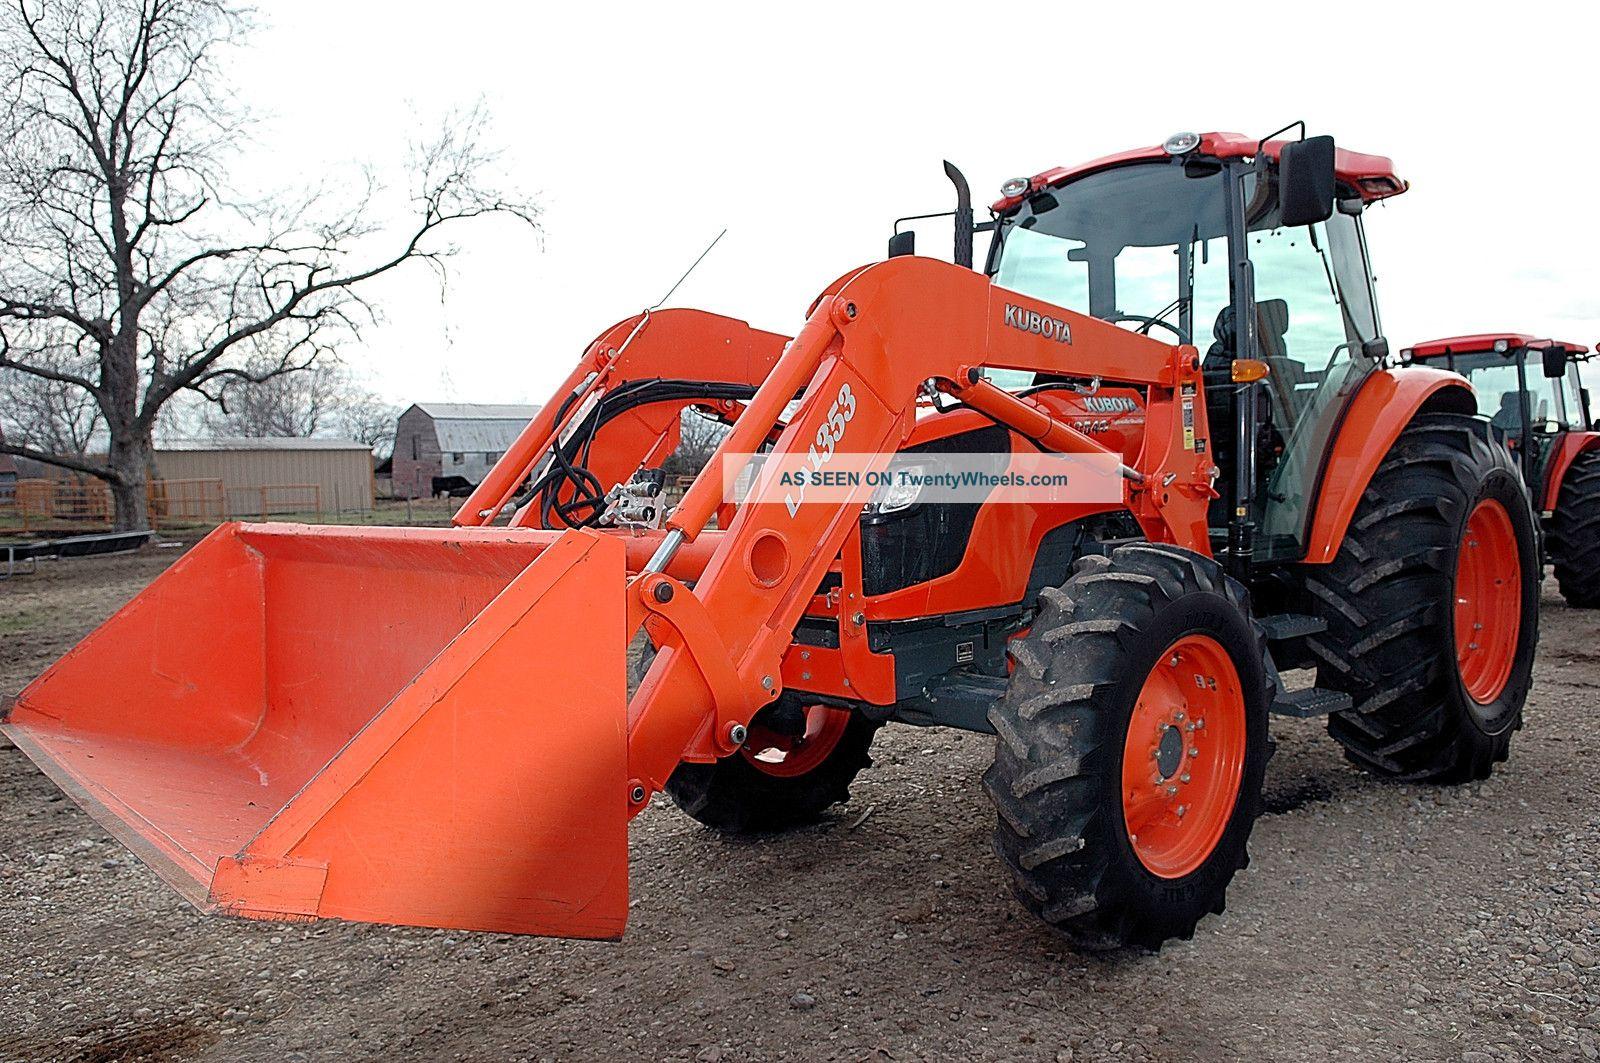 2009 Kubota M 9540 Hdc, 4x4, Cab Air, 711 Hrs, W/kub Loader